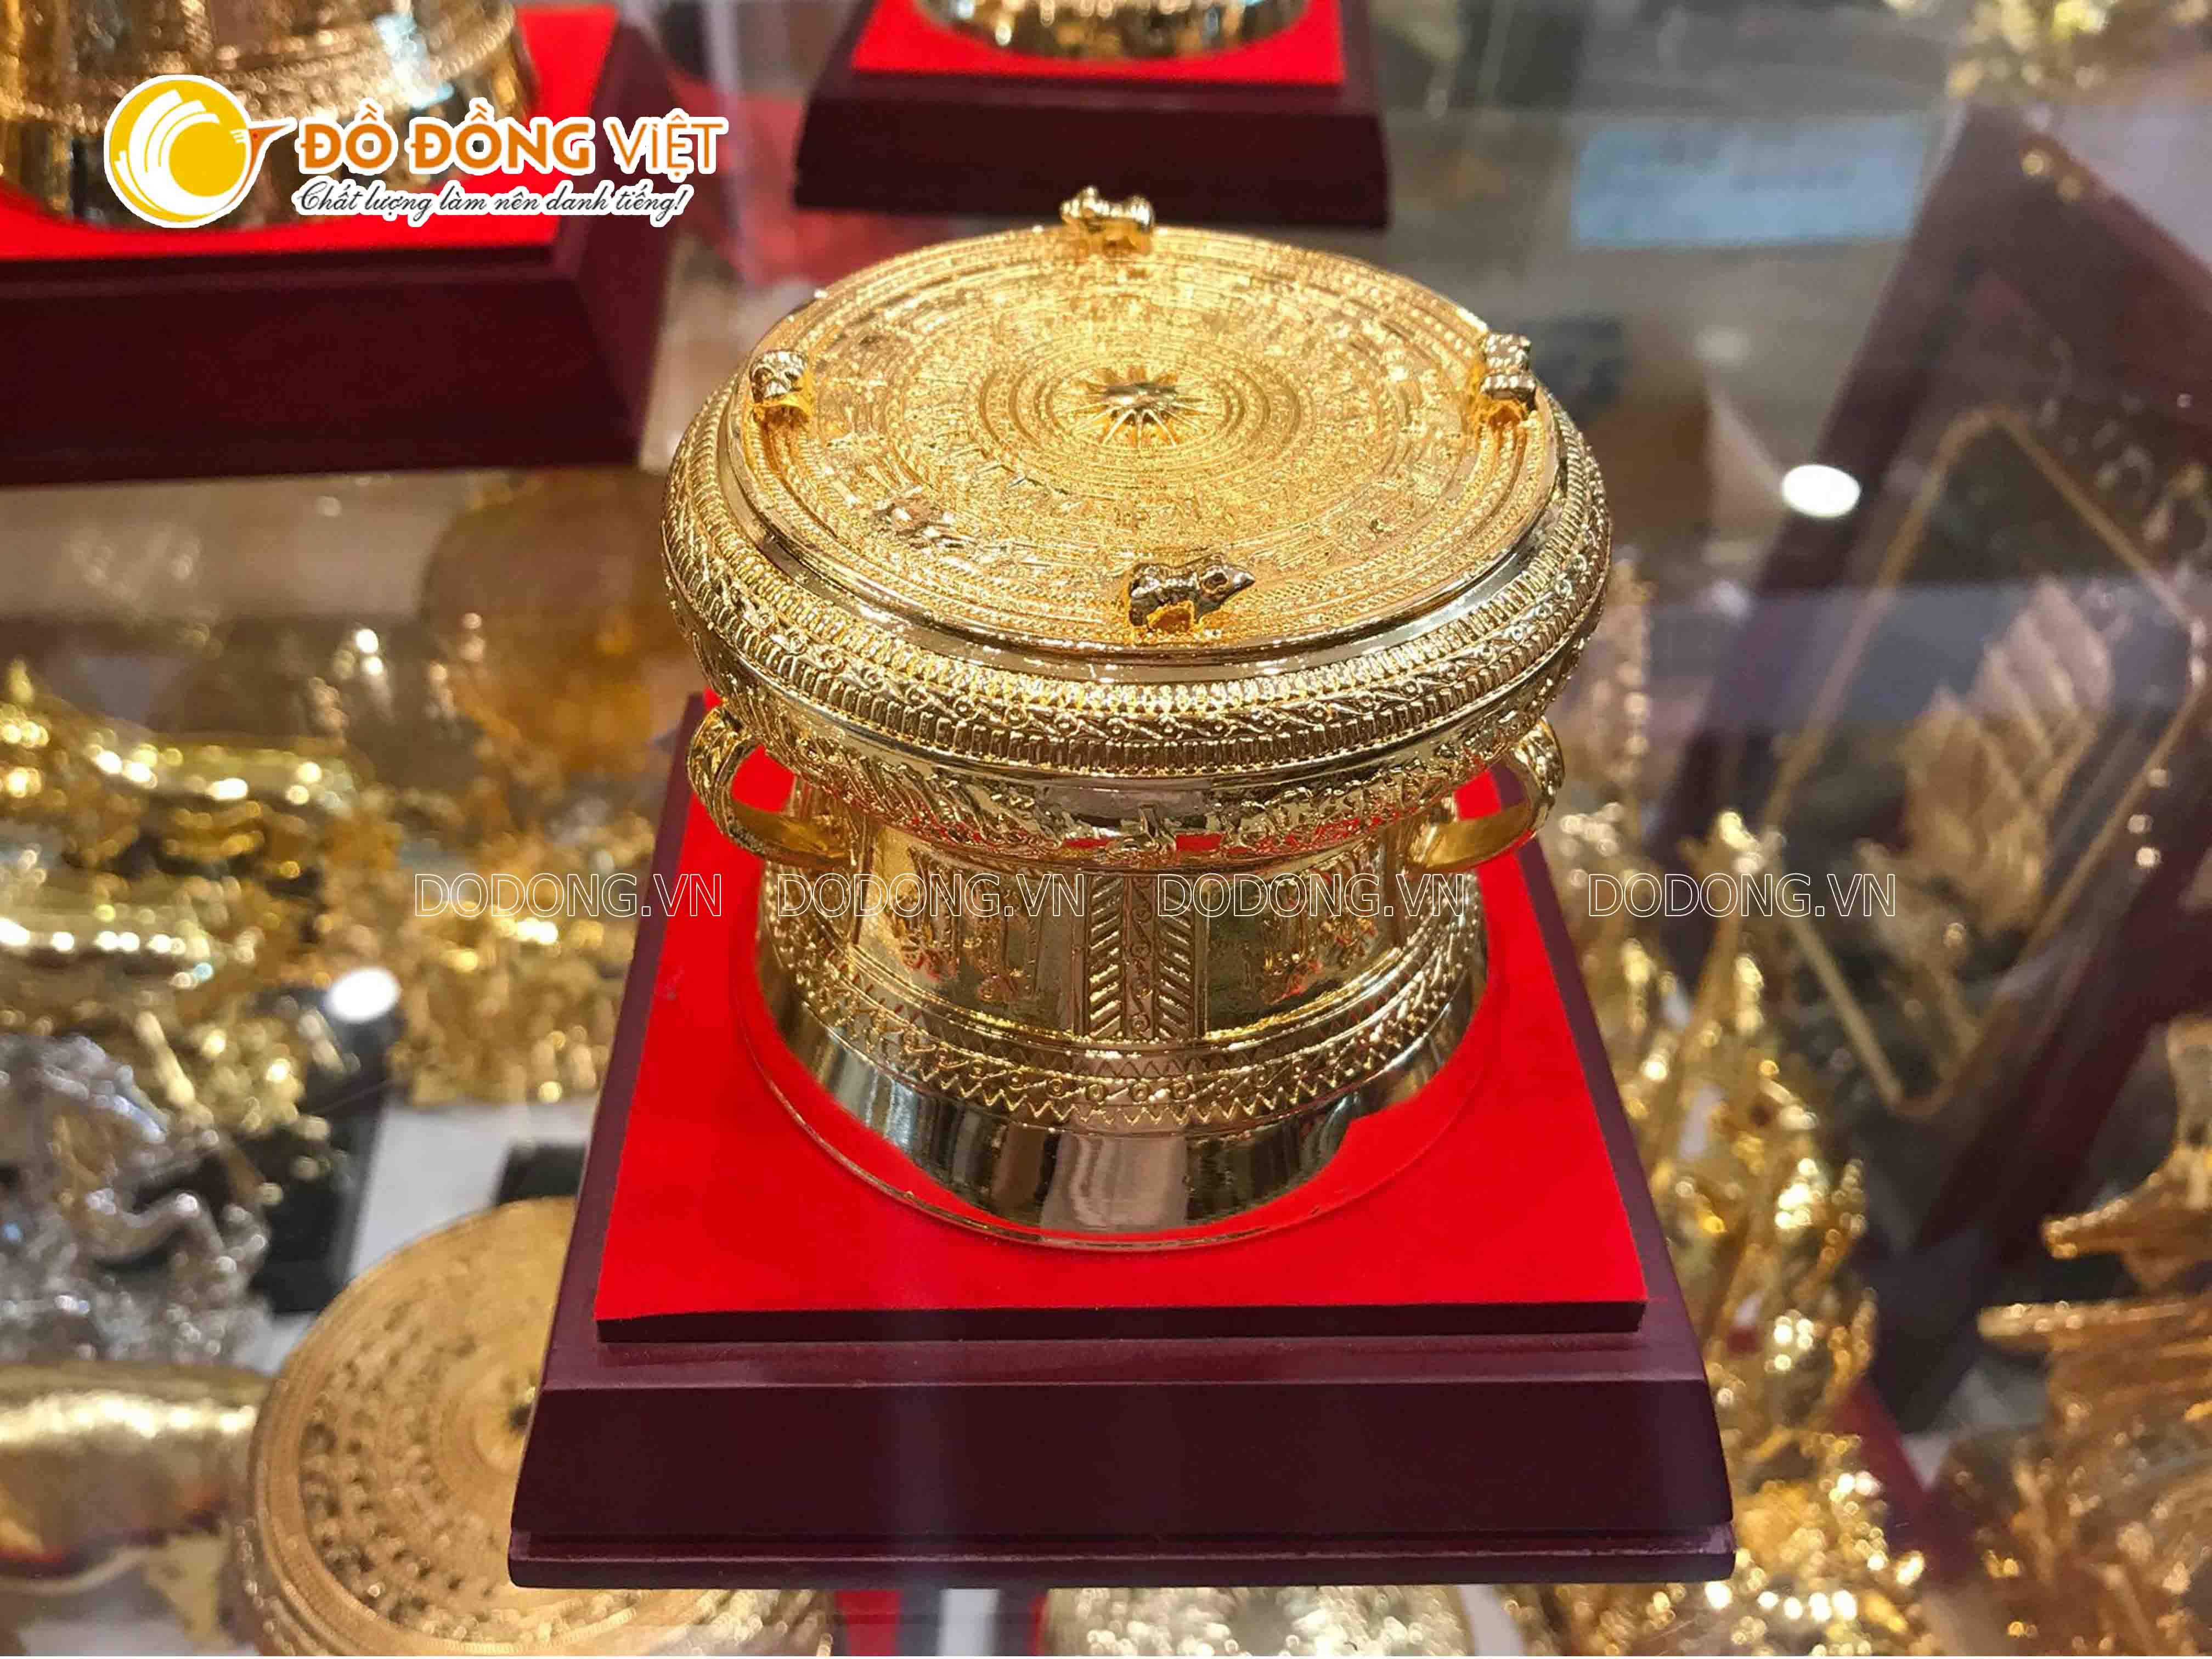 Trống đồng mạ vàng 15 cm